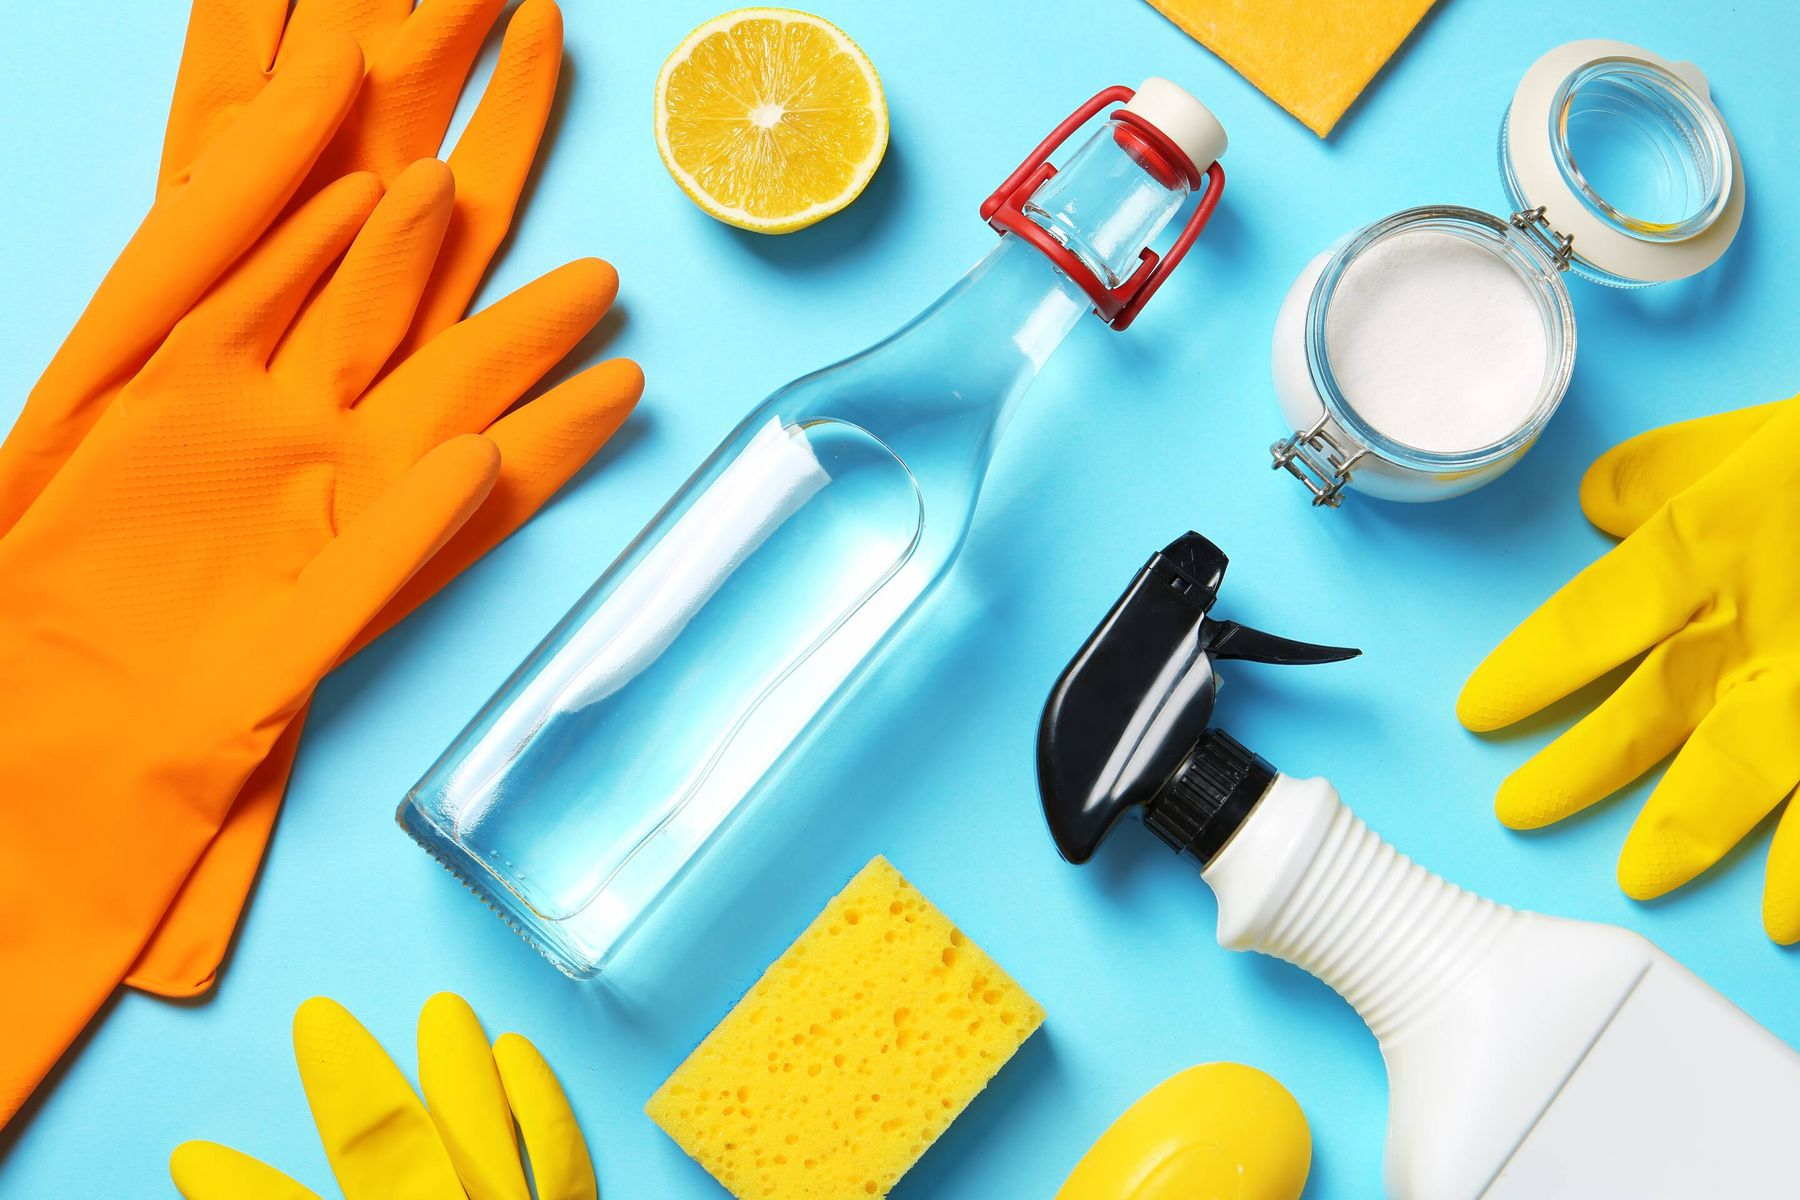 Sử dụng  bột thông tắc cống sẽ giúp làm phân hủy cặn bẩn thông cống nghẹt hiệu quả